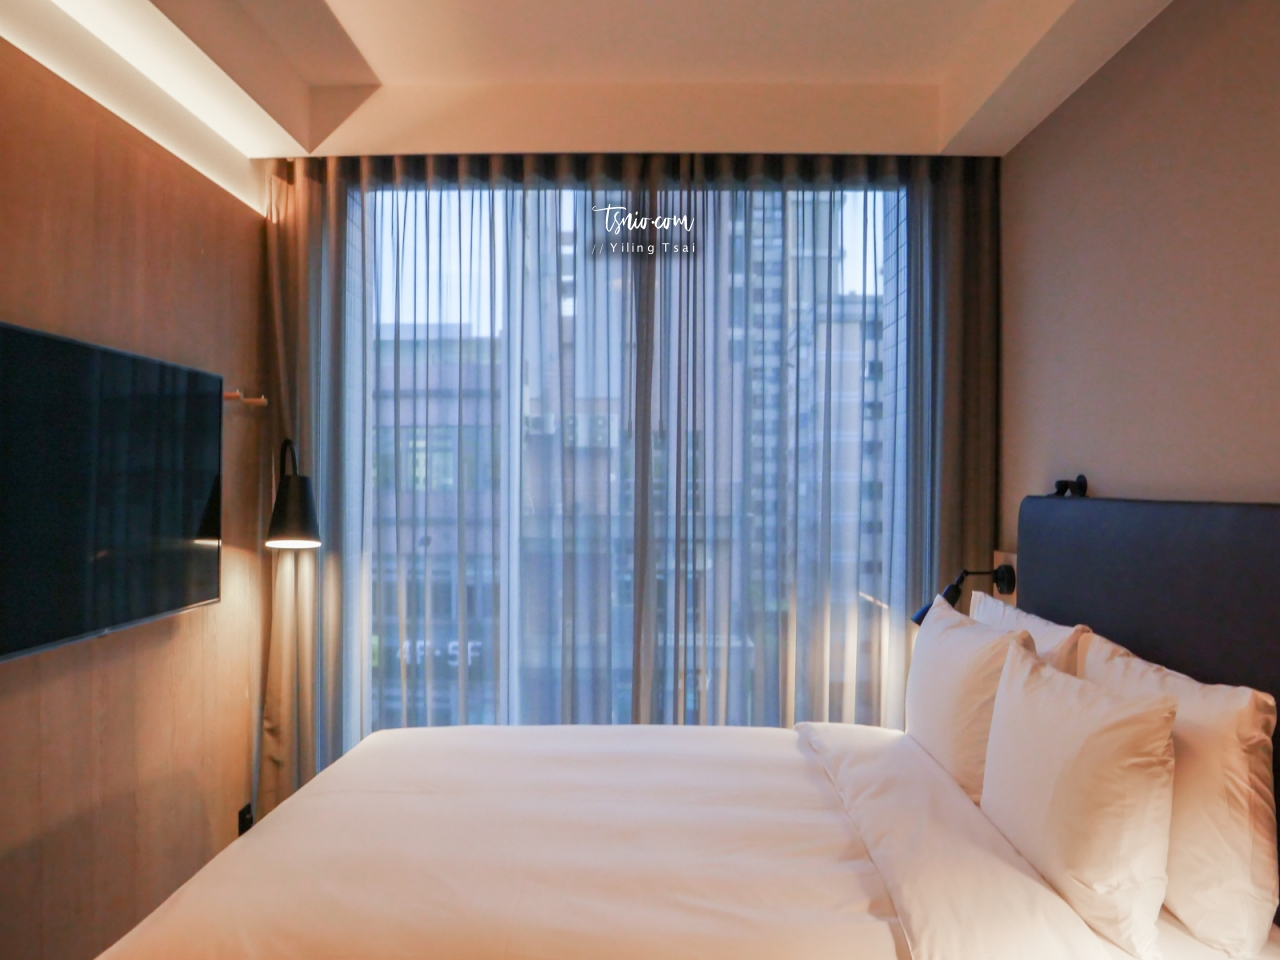 台中飯店 Moxy Taichung 台中豐邑 Moxy 酒店 萬豪集團最新潮牌住宿